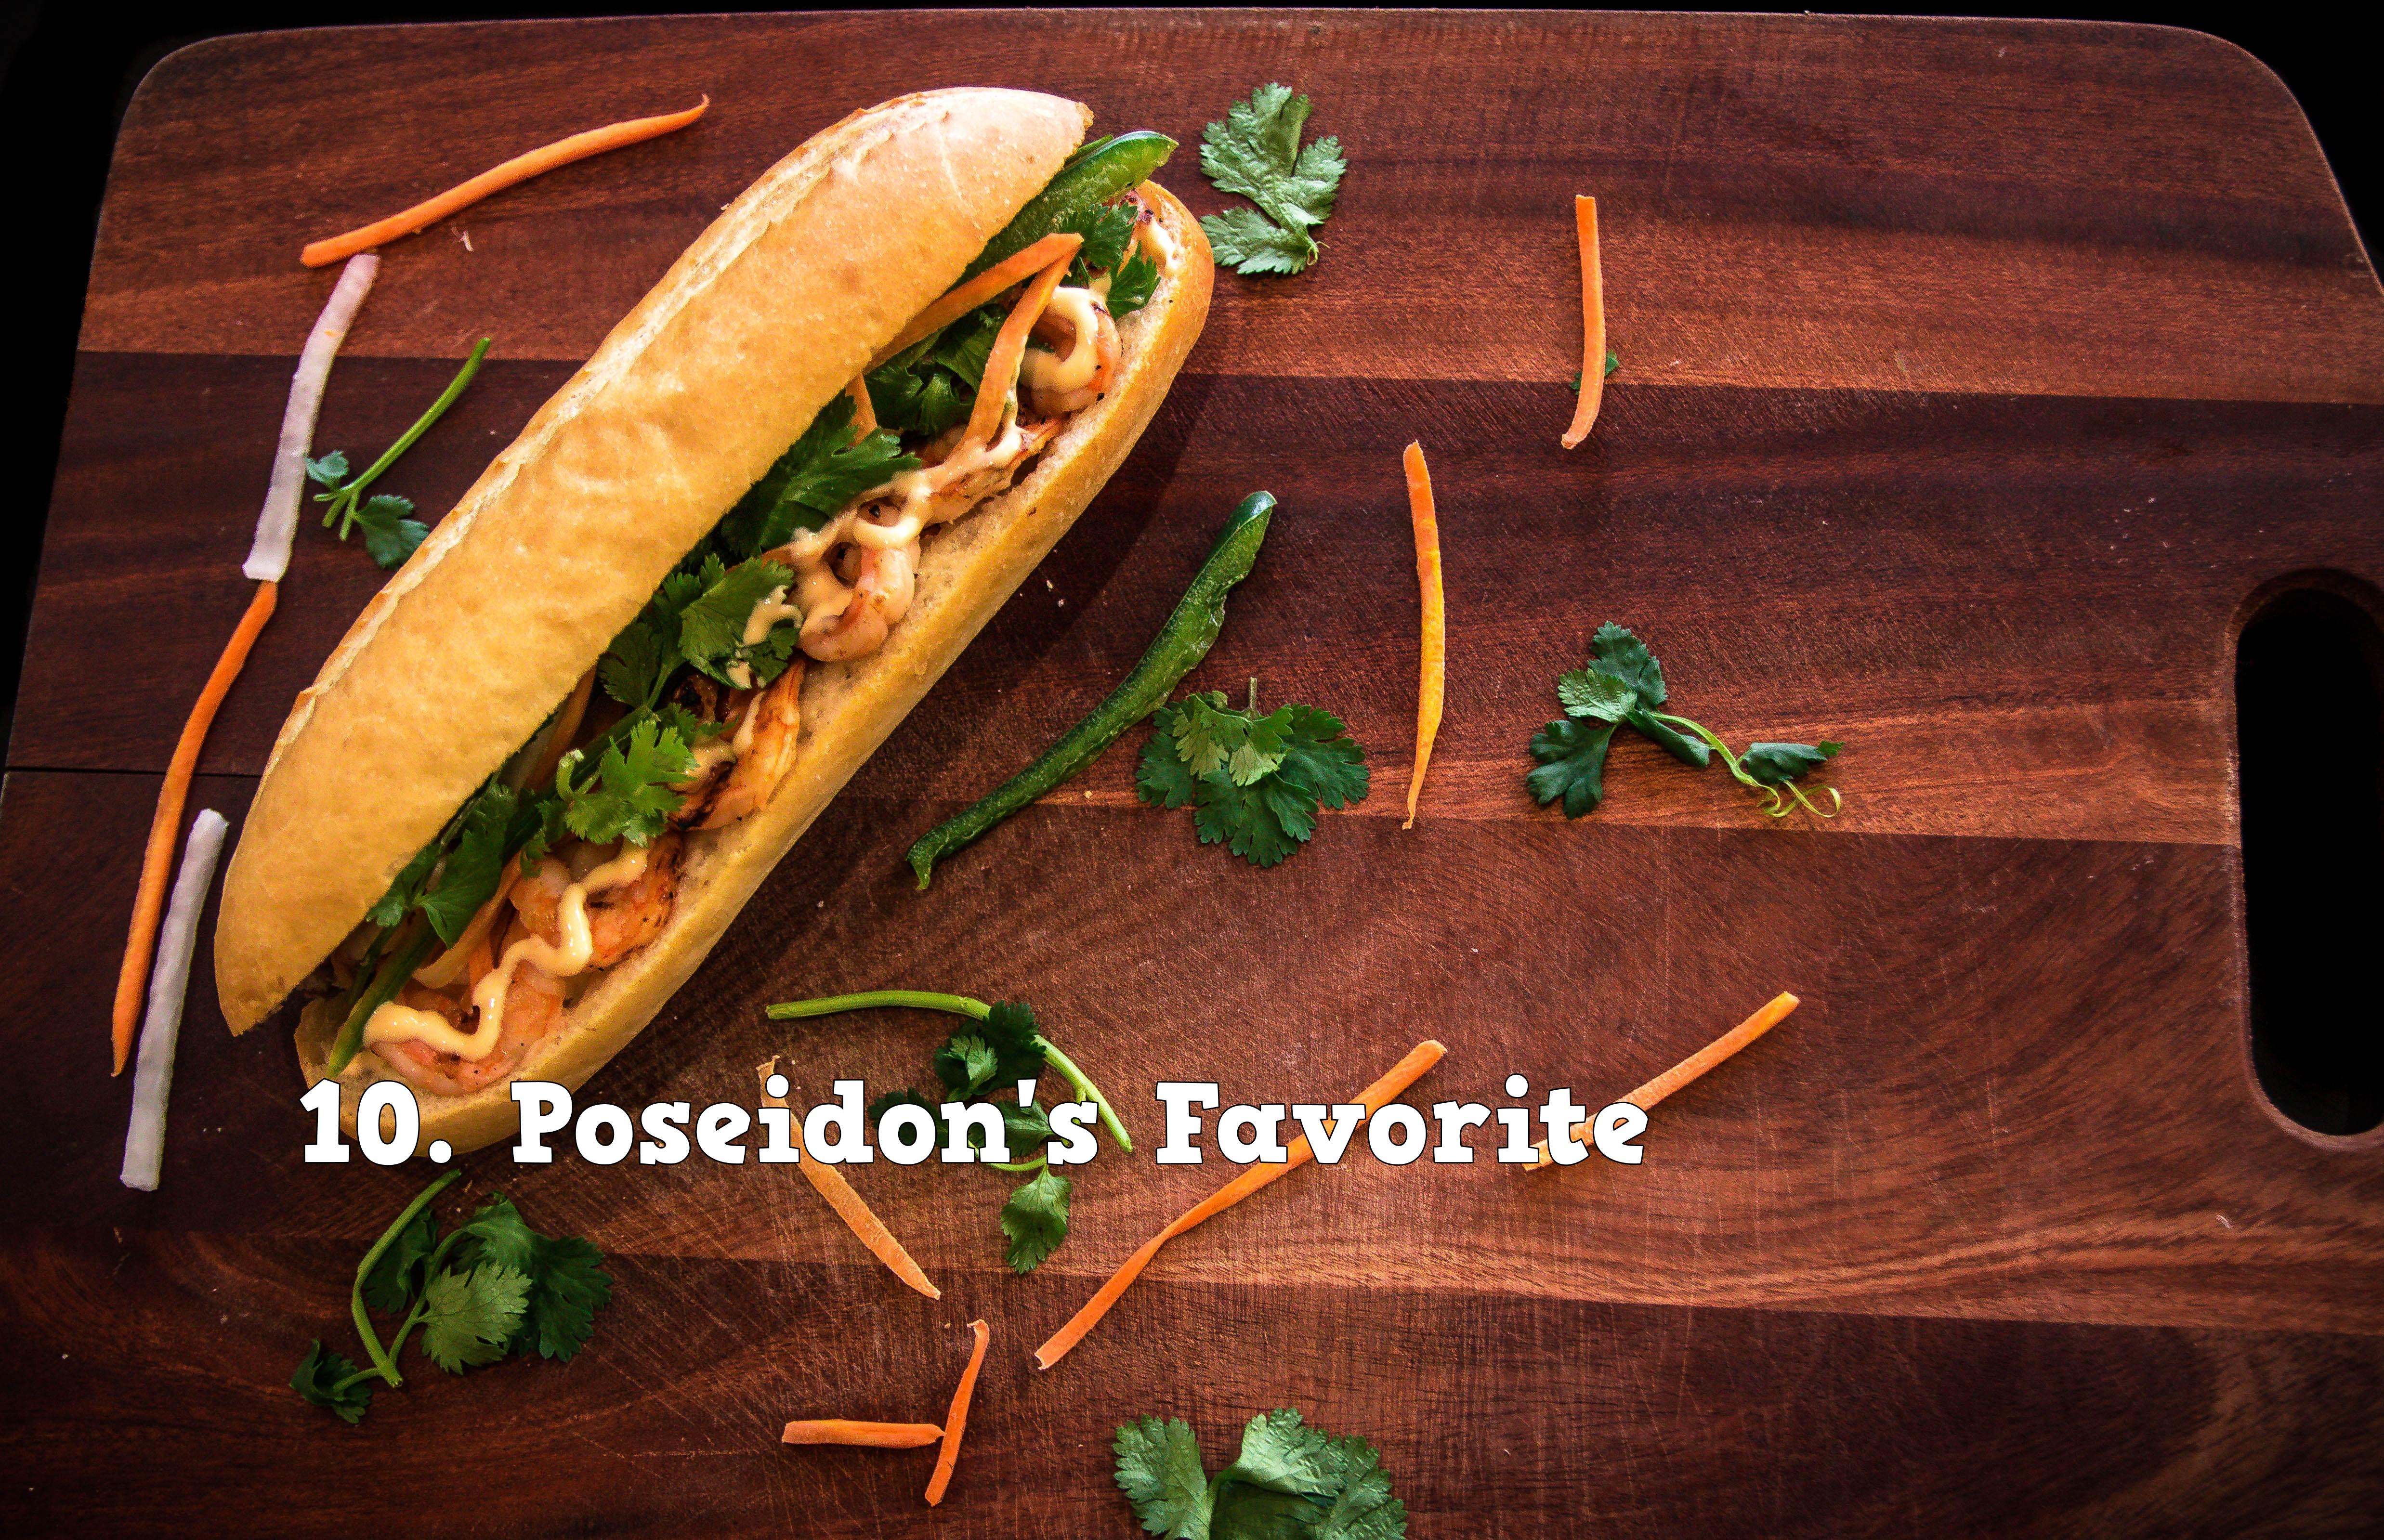 10.Poseidon's Favorite Image